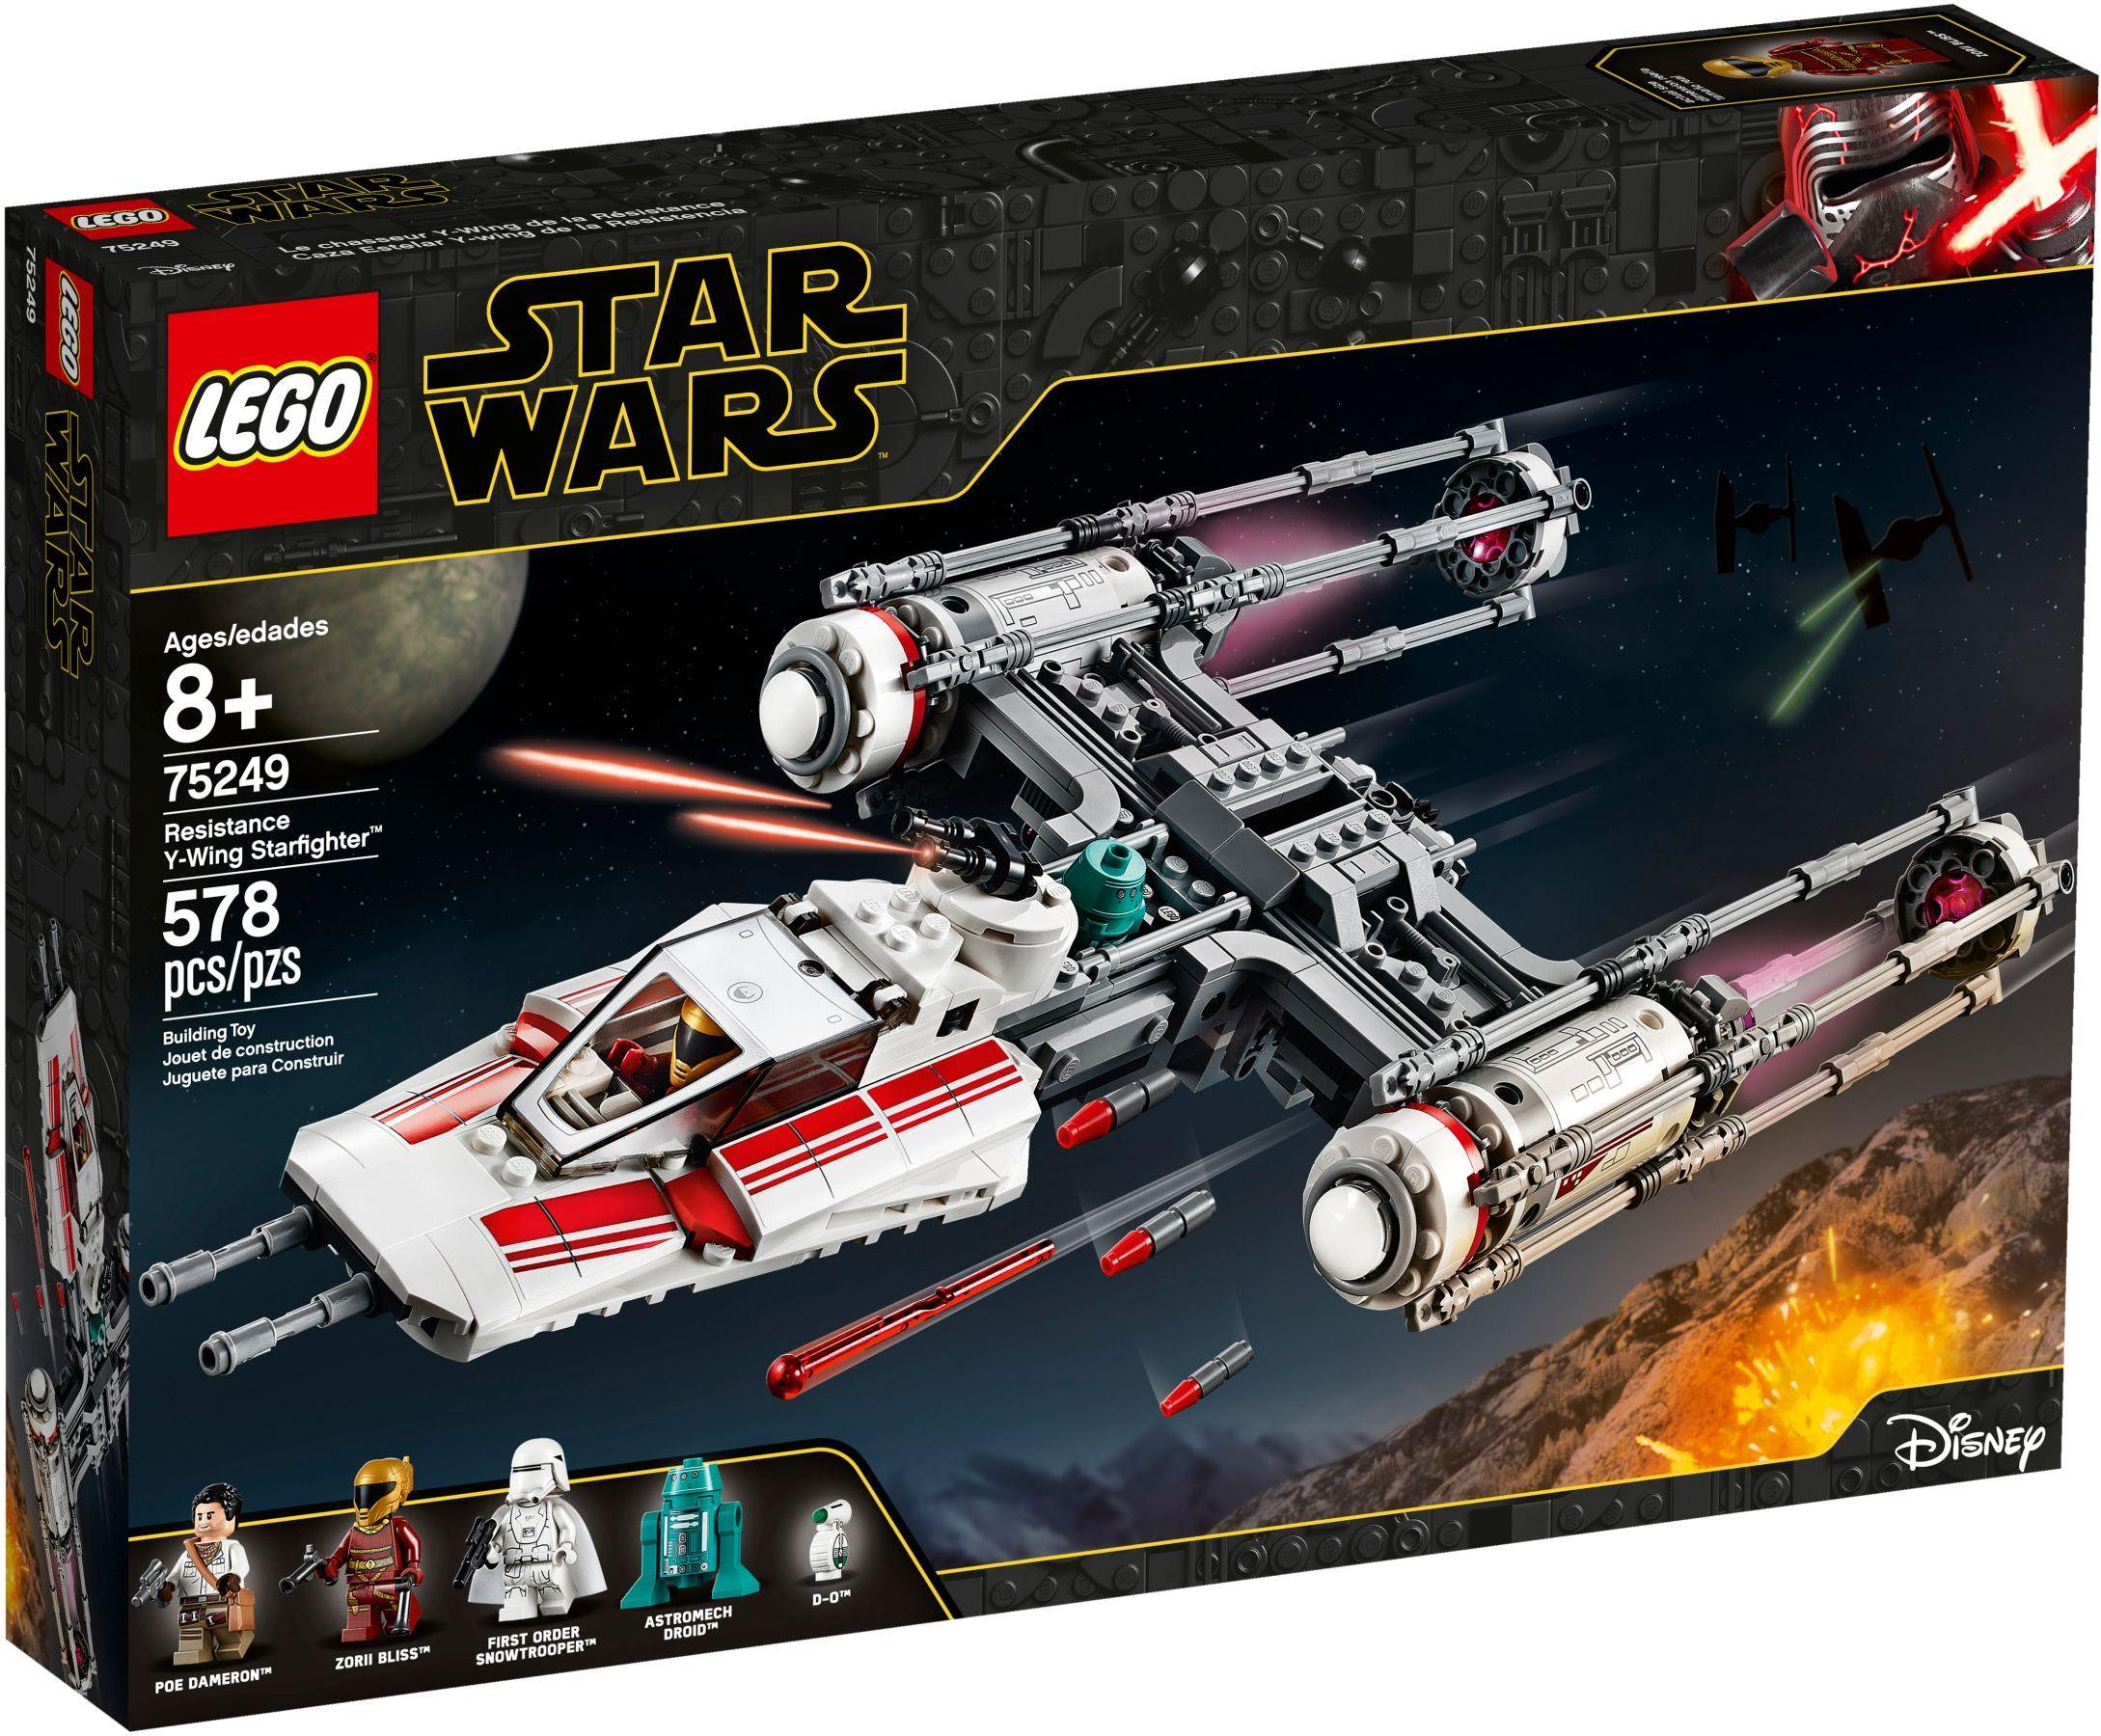 lego-star-wars-75249-widerstands-y-wing-starfighter-box-2019 zusammengebaut.com